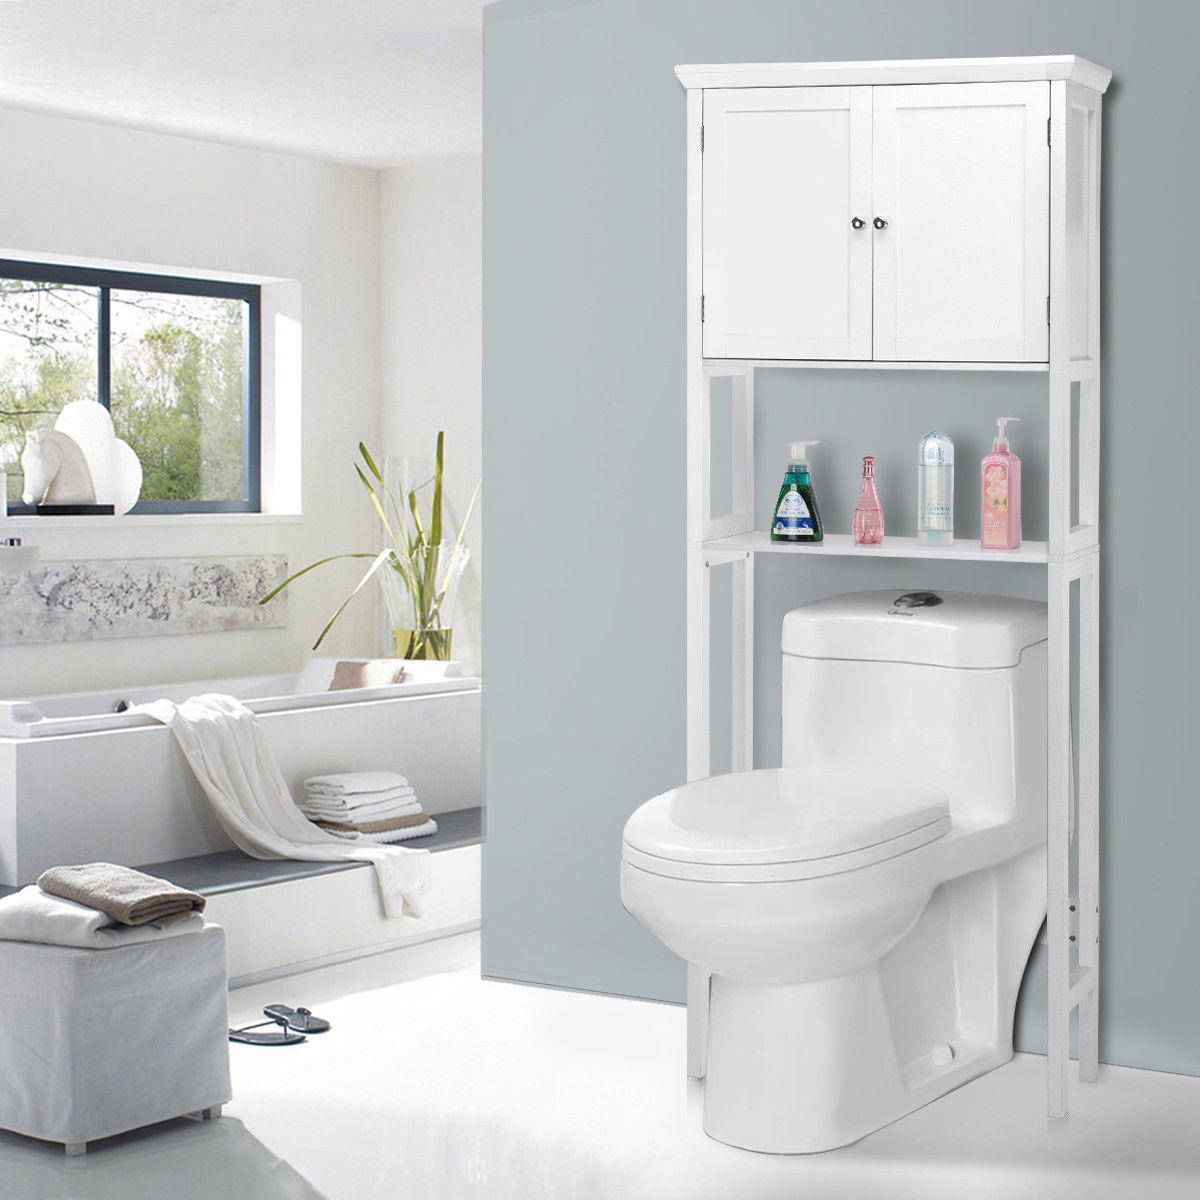 Géantex Toilette Économiseur D'espace De Stockage Porte-Serviettes Étagère armoire de toilette moderne Meubles de Maison HW57023